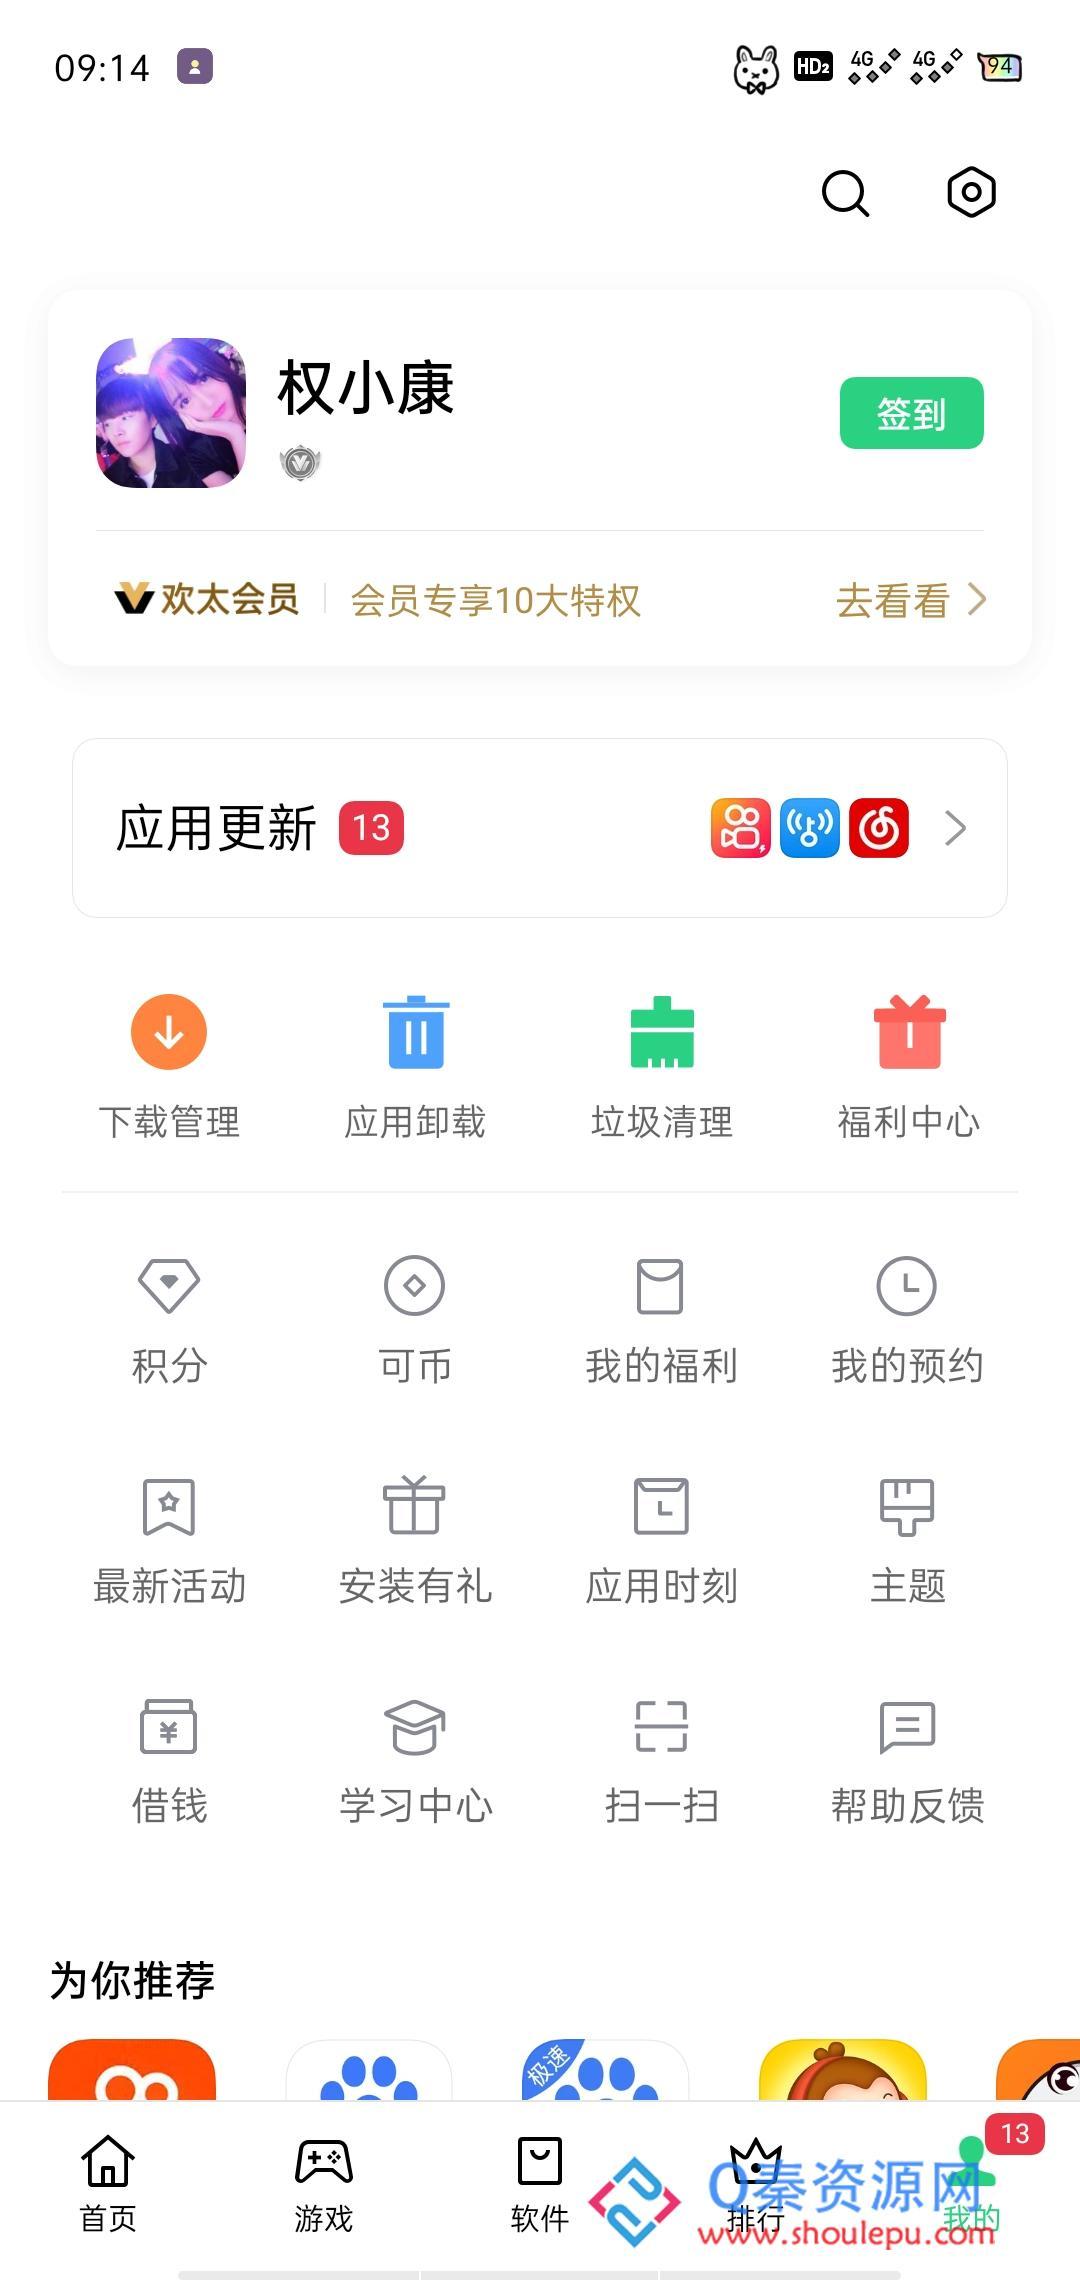 OPPO用户新活动免费领取优酷芒果咪QQ音乐等各音乐会员